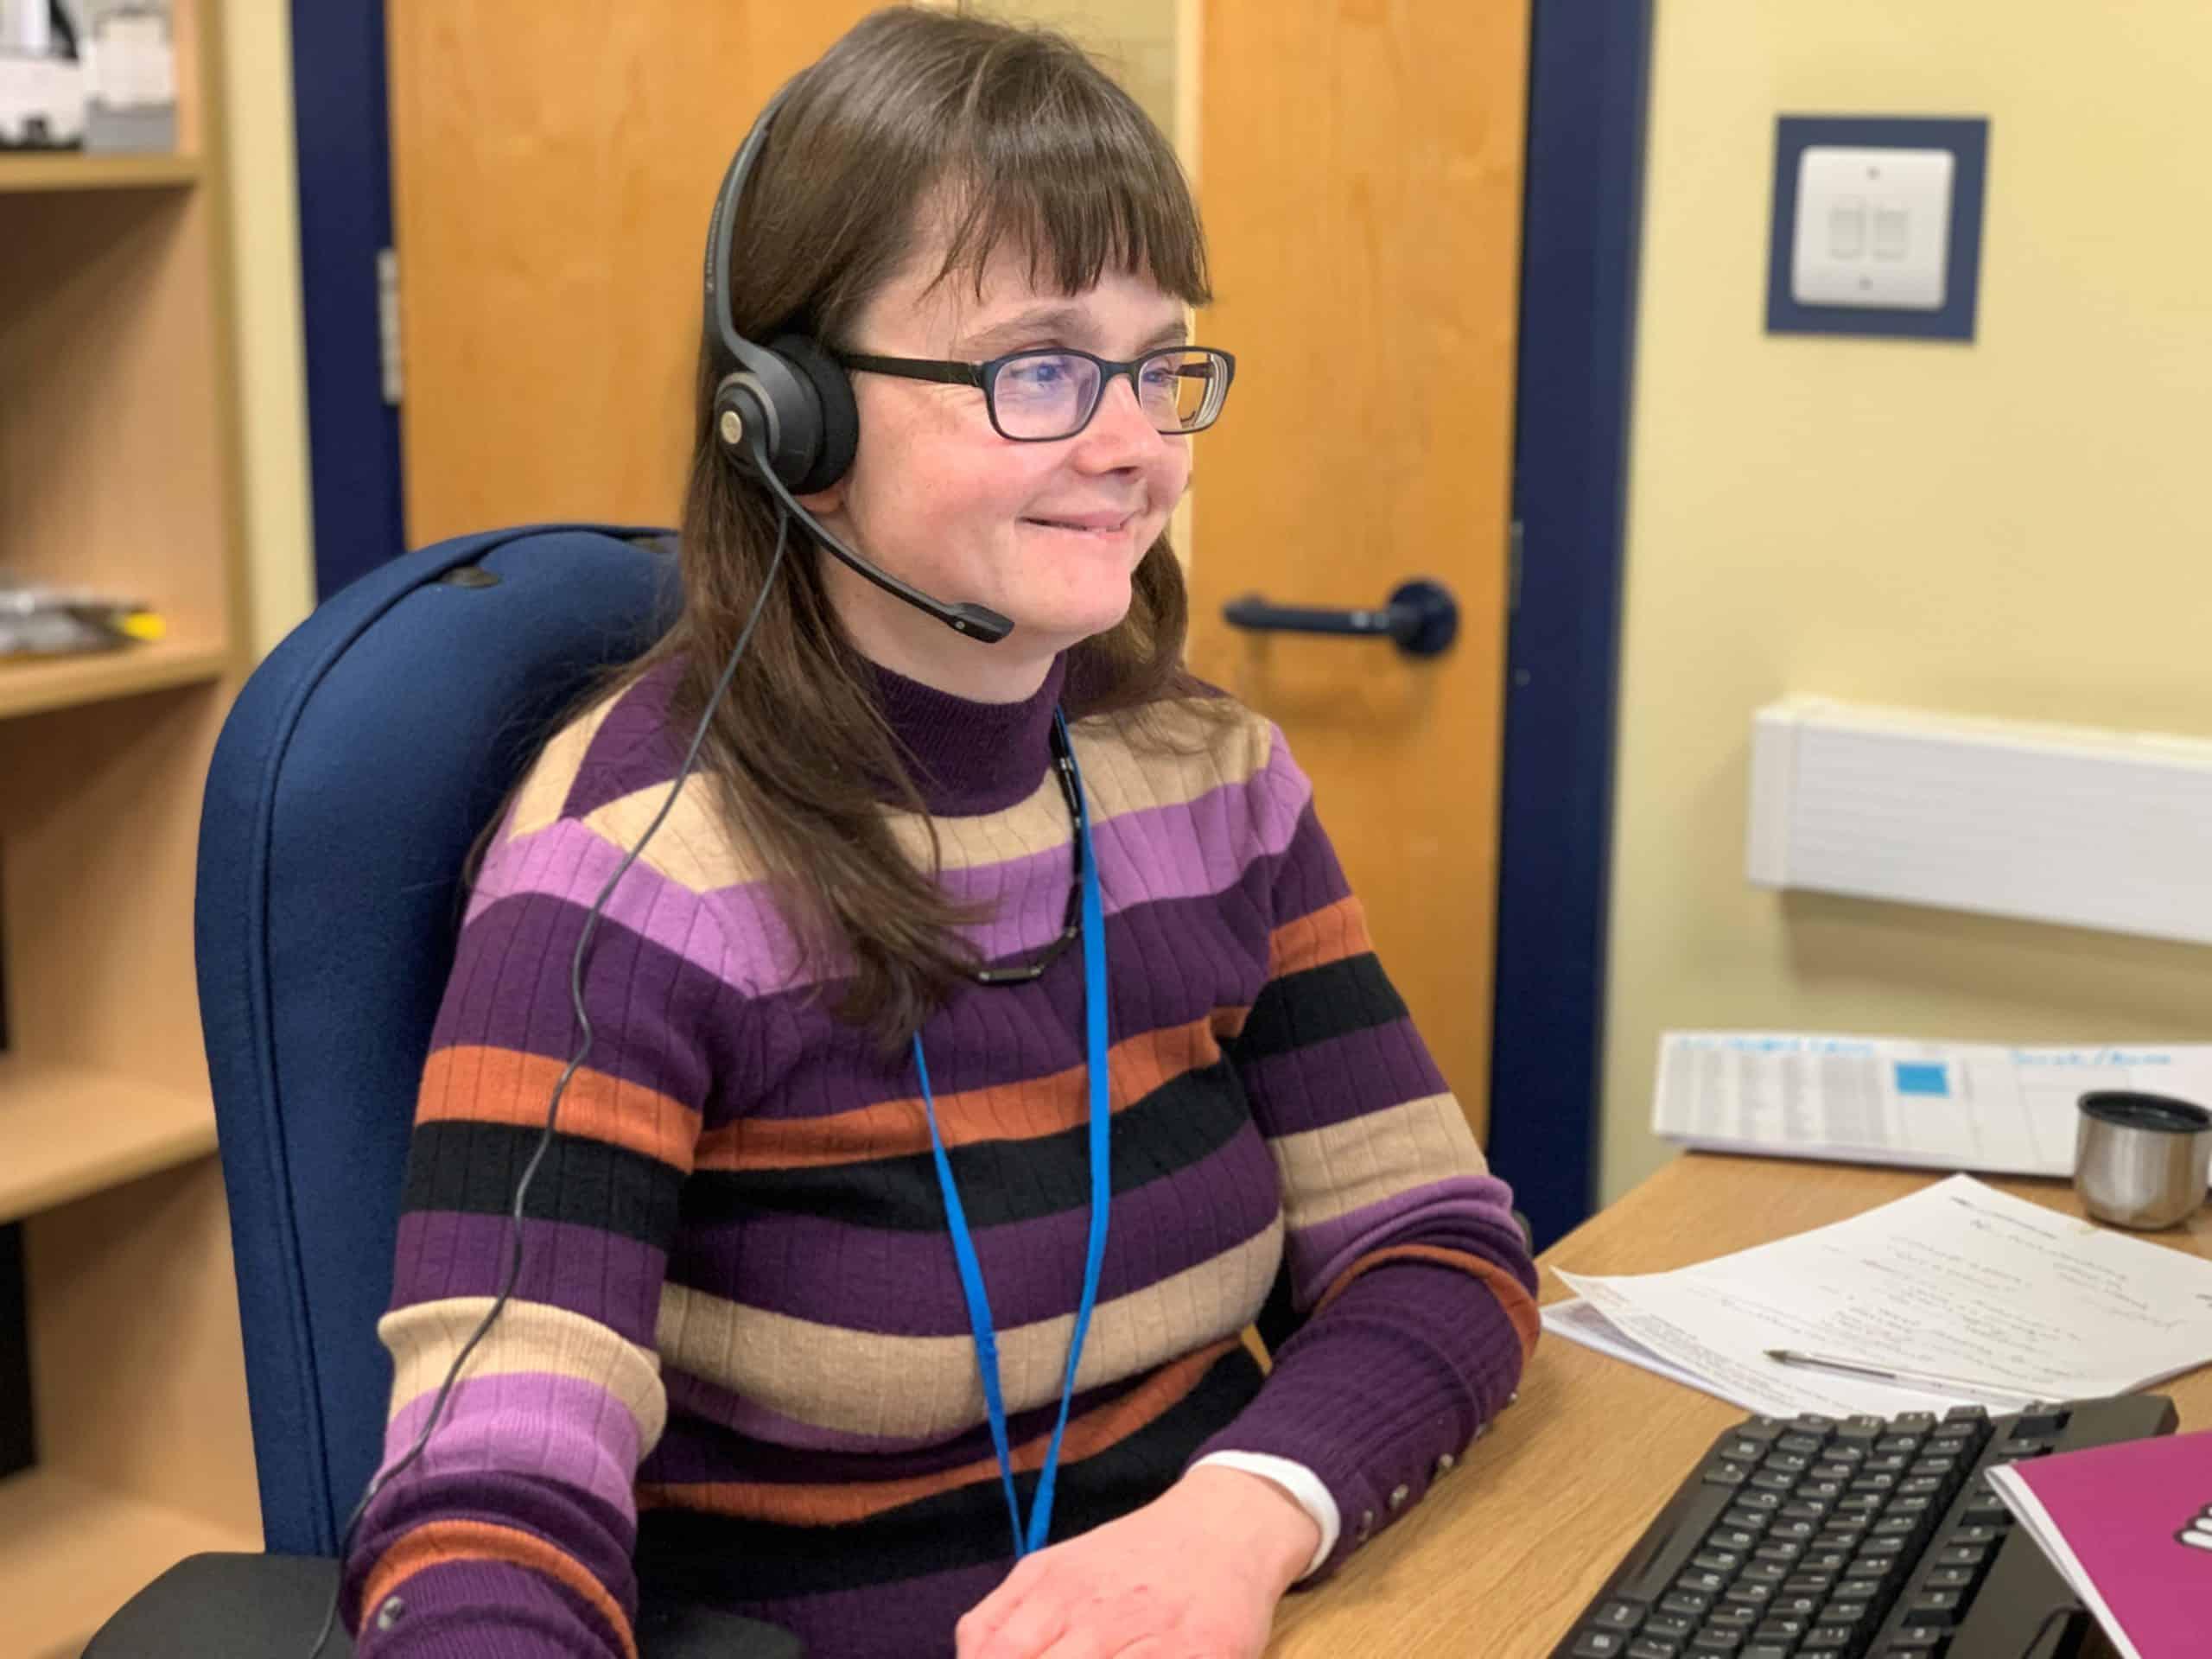 Receiving calls on the Deafblind UK helpline